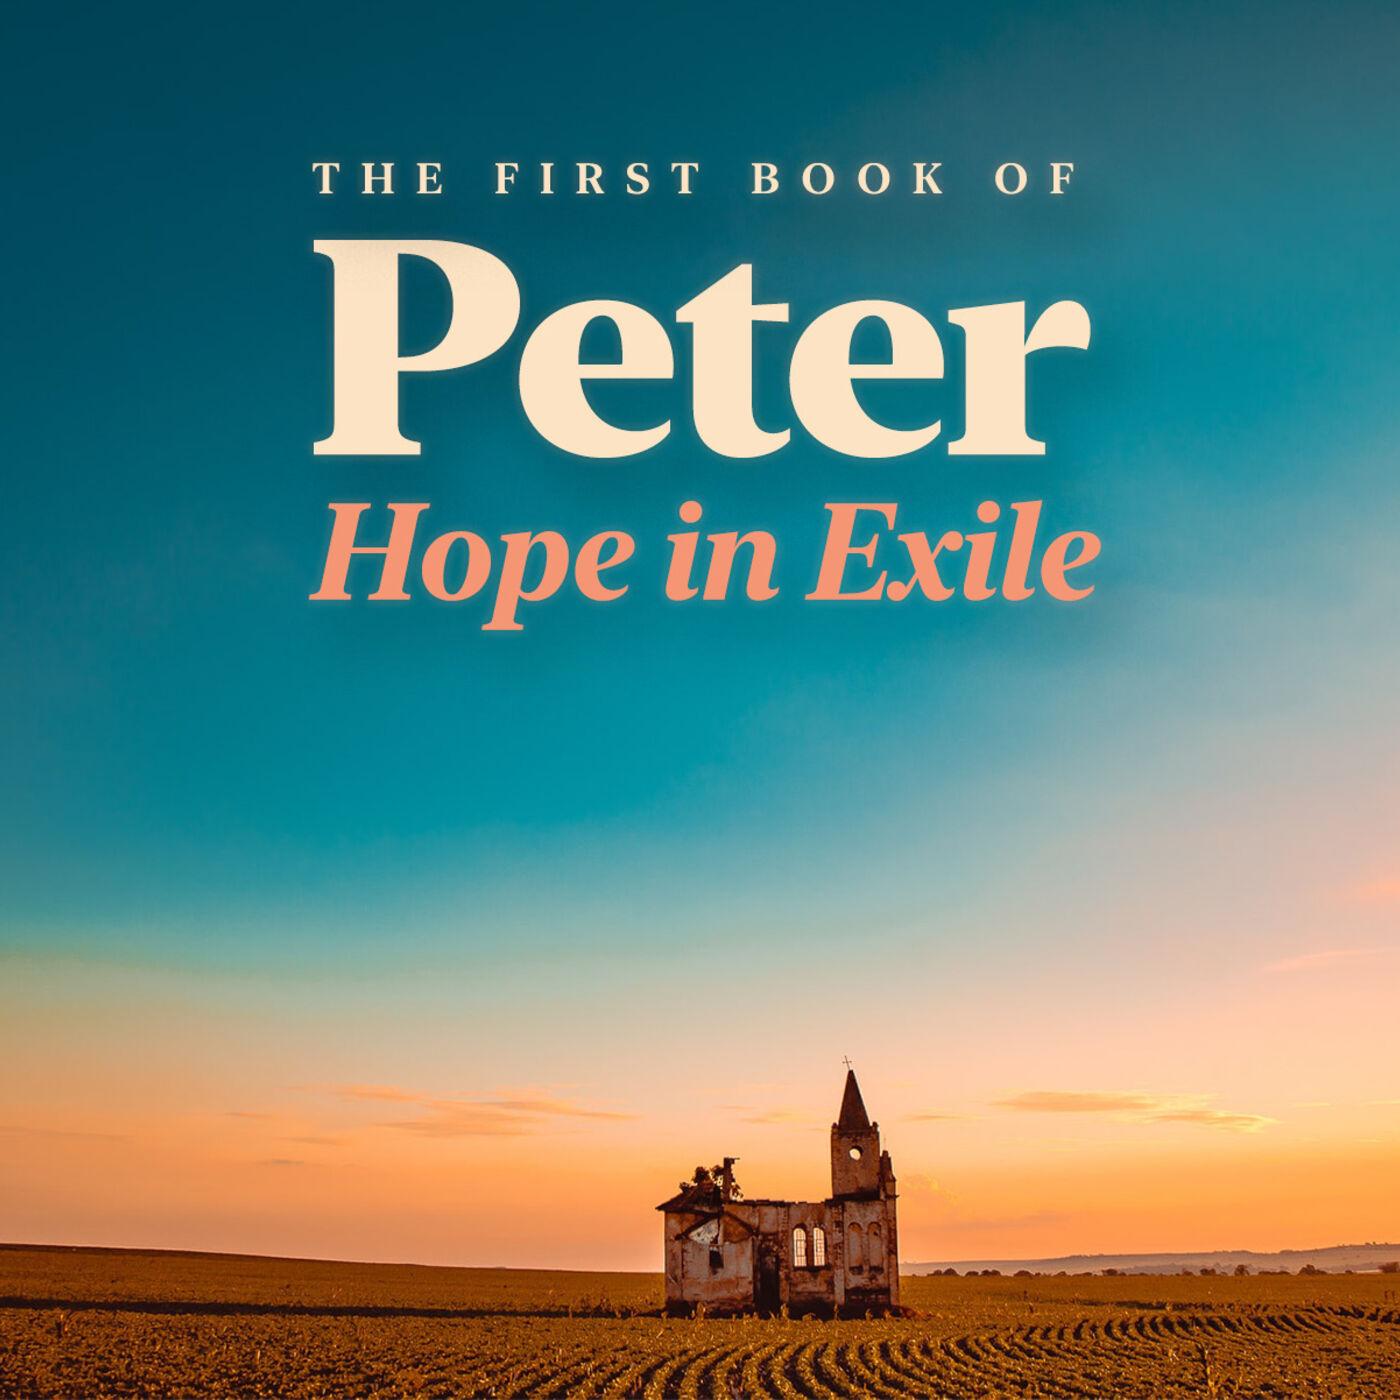 1 Peter 4:7-19 | Reid Gresens